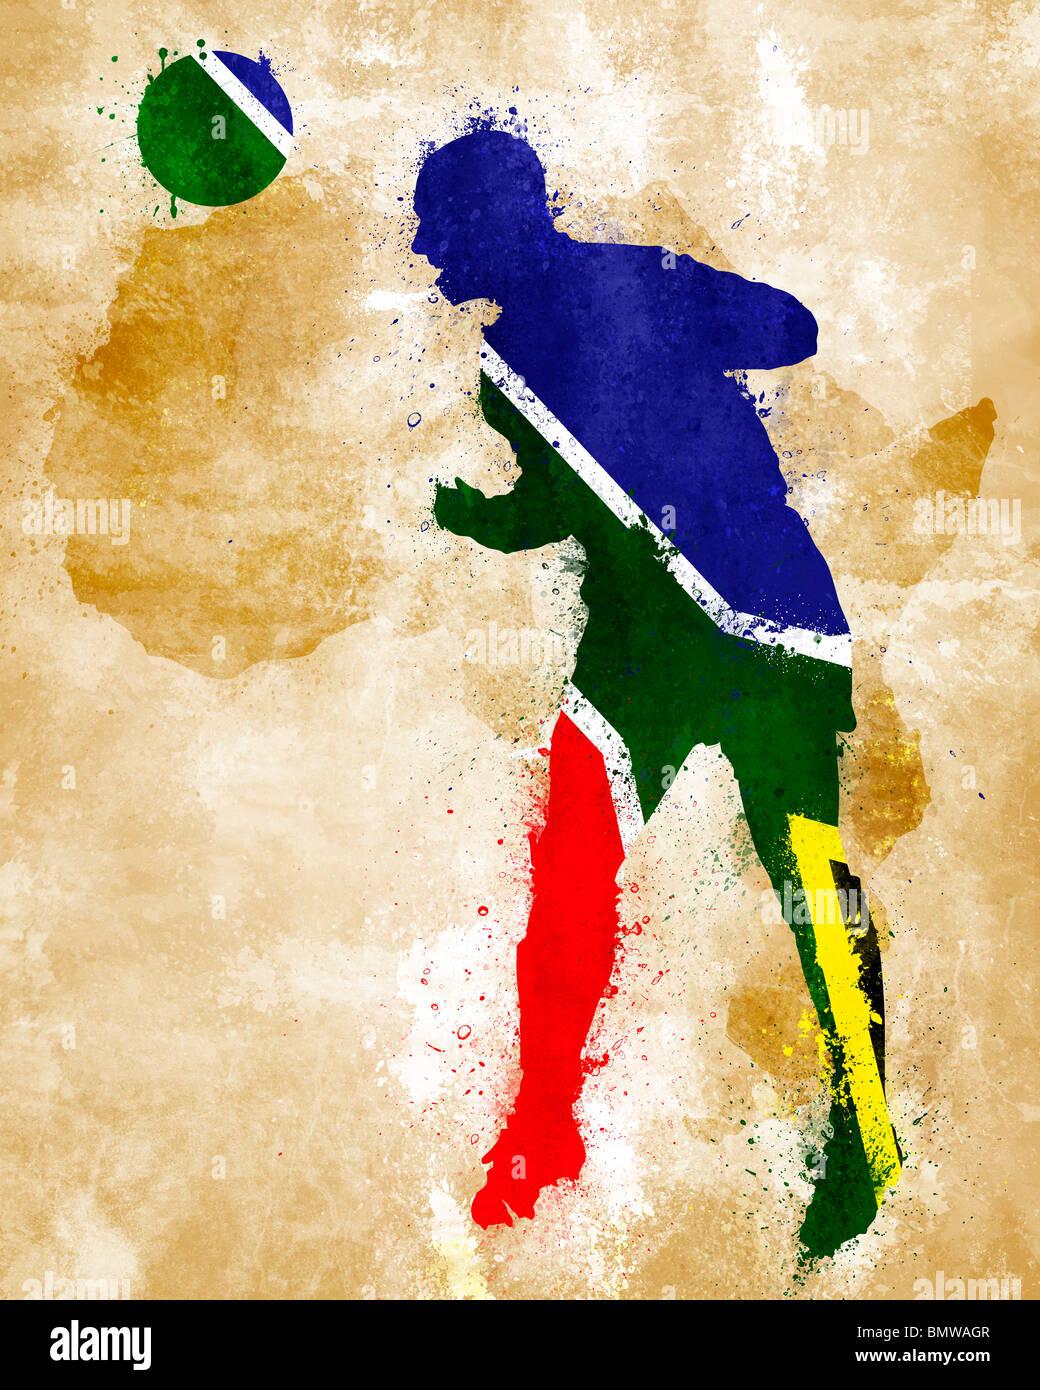 Ein Fußball-Spieler mit südafrikanischen Flagge gemalt Stockbild